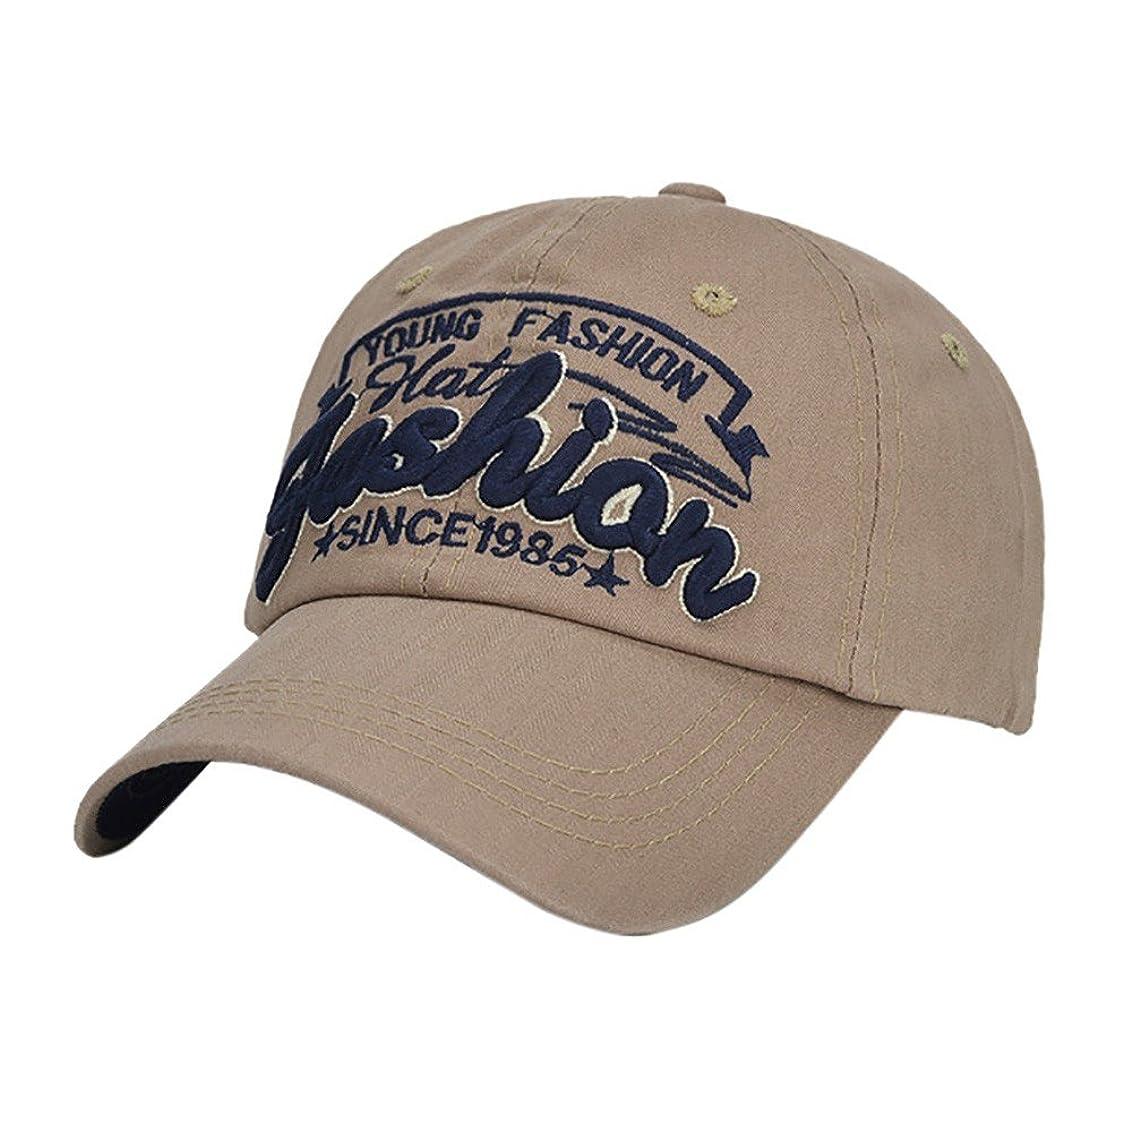 と闘う和らげるバズRacazing Cap ヒップホップ 野球帽 ストリートダンス 夏 登山 通気性のある 帽子 パール ビーディング 可調整可能 日焼け止め 棒球帽 UV 帽子 軽量 屋外 女性向 Hat (コーヒー)